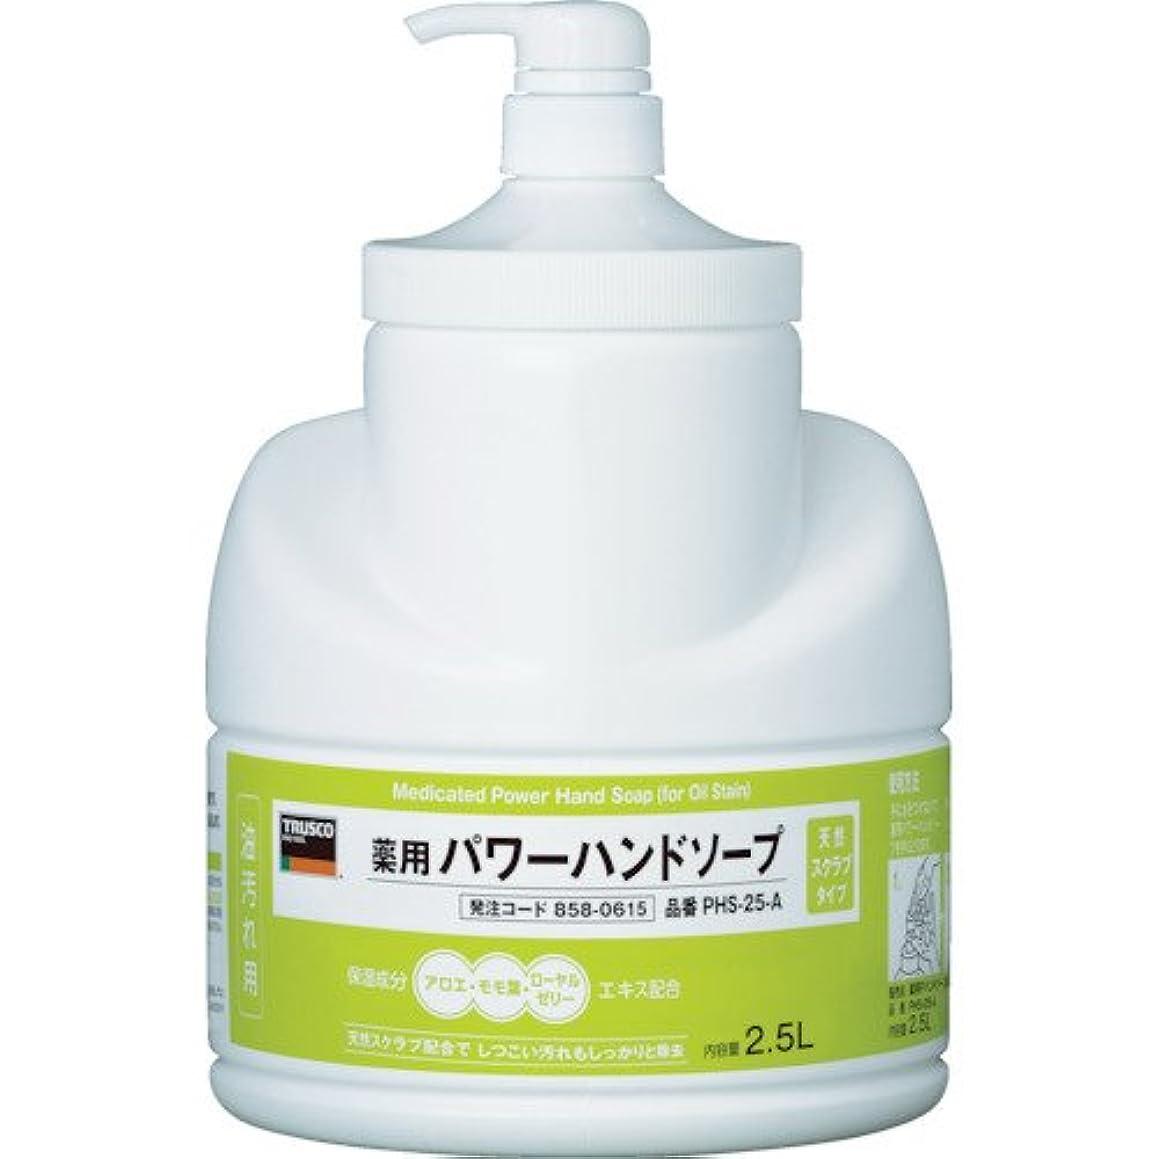 トラスコ中山 株 TRUSCO 薬用パワーハンドソープポンプボトル 2.5L PHS-25-A